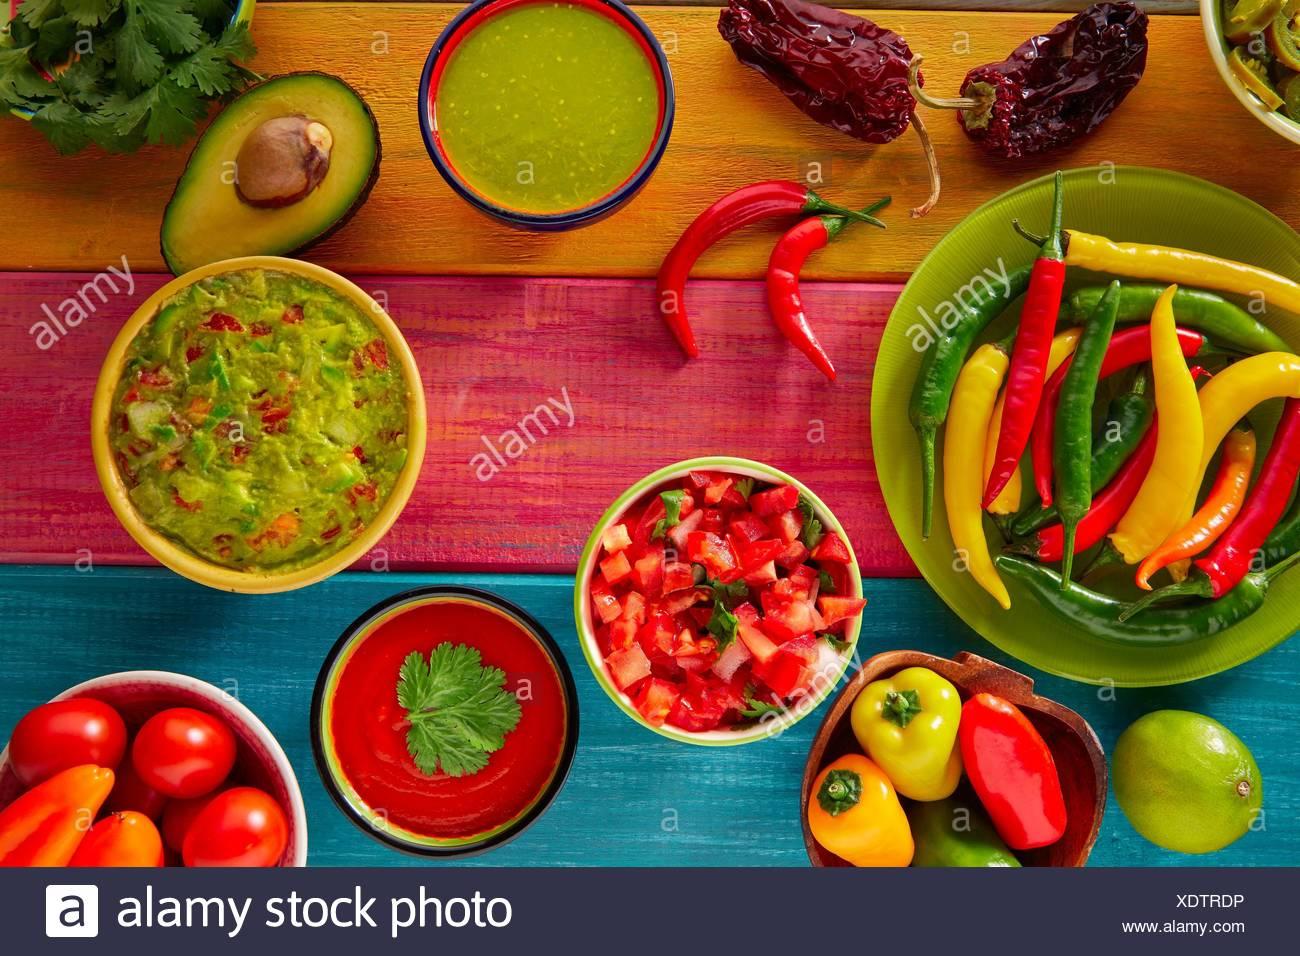 La nourriture mexicaine guacamole nachos sauce chili mixte fromage cheddar trempette citron pico de gallo. Photo Stock